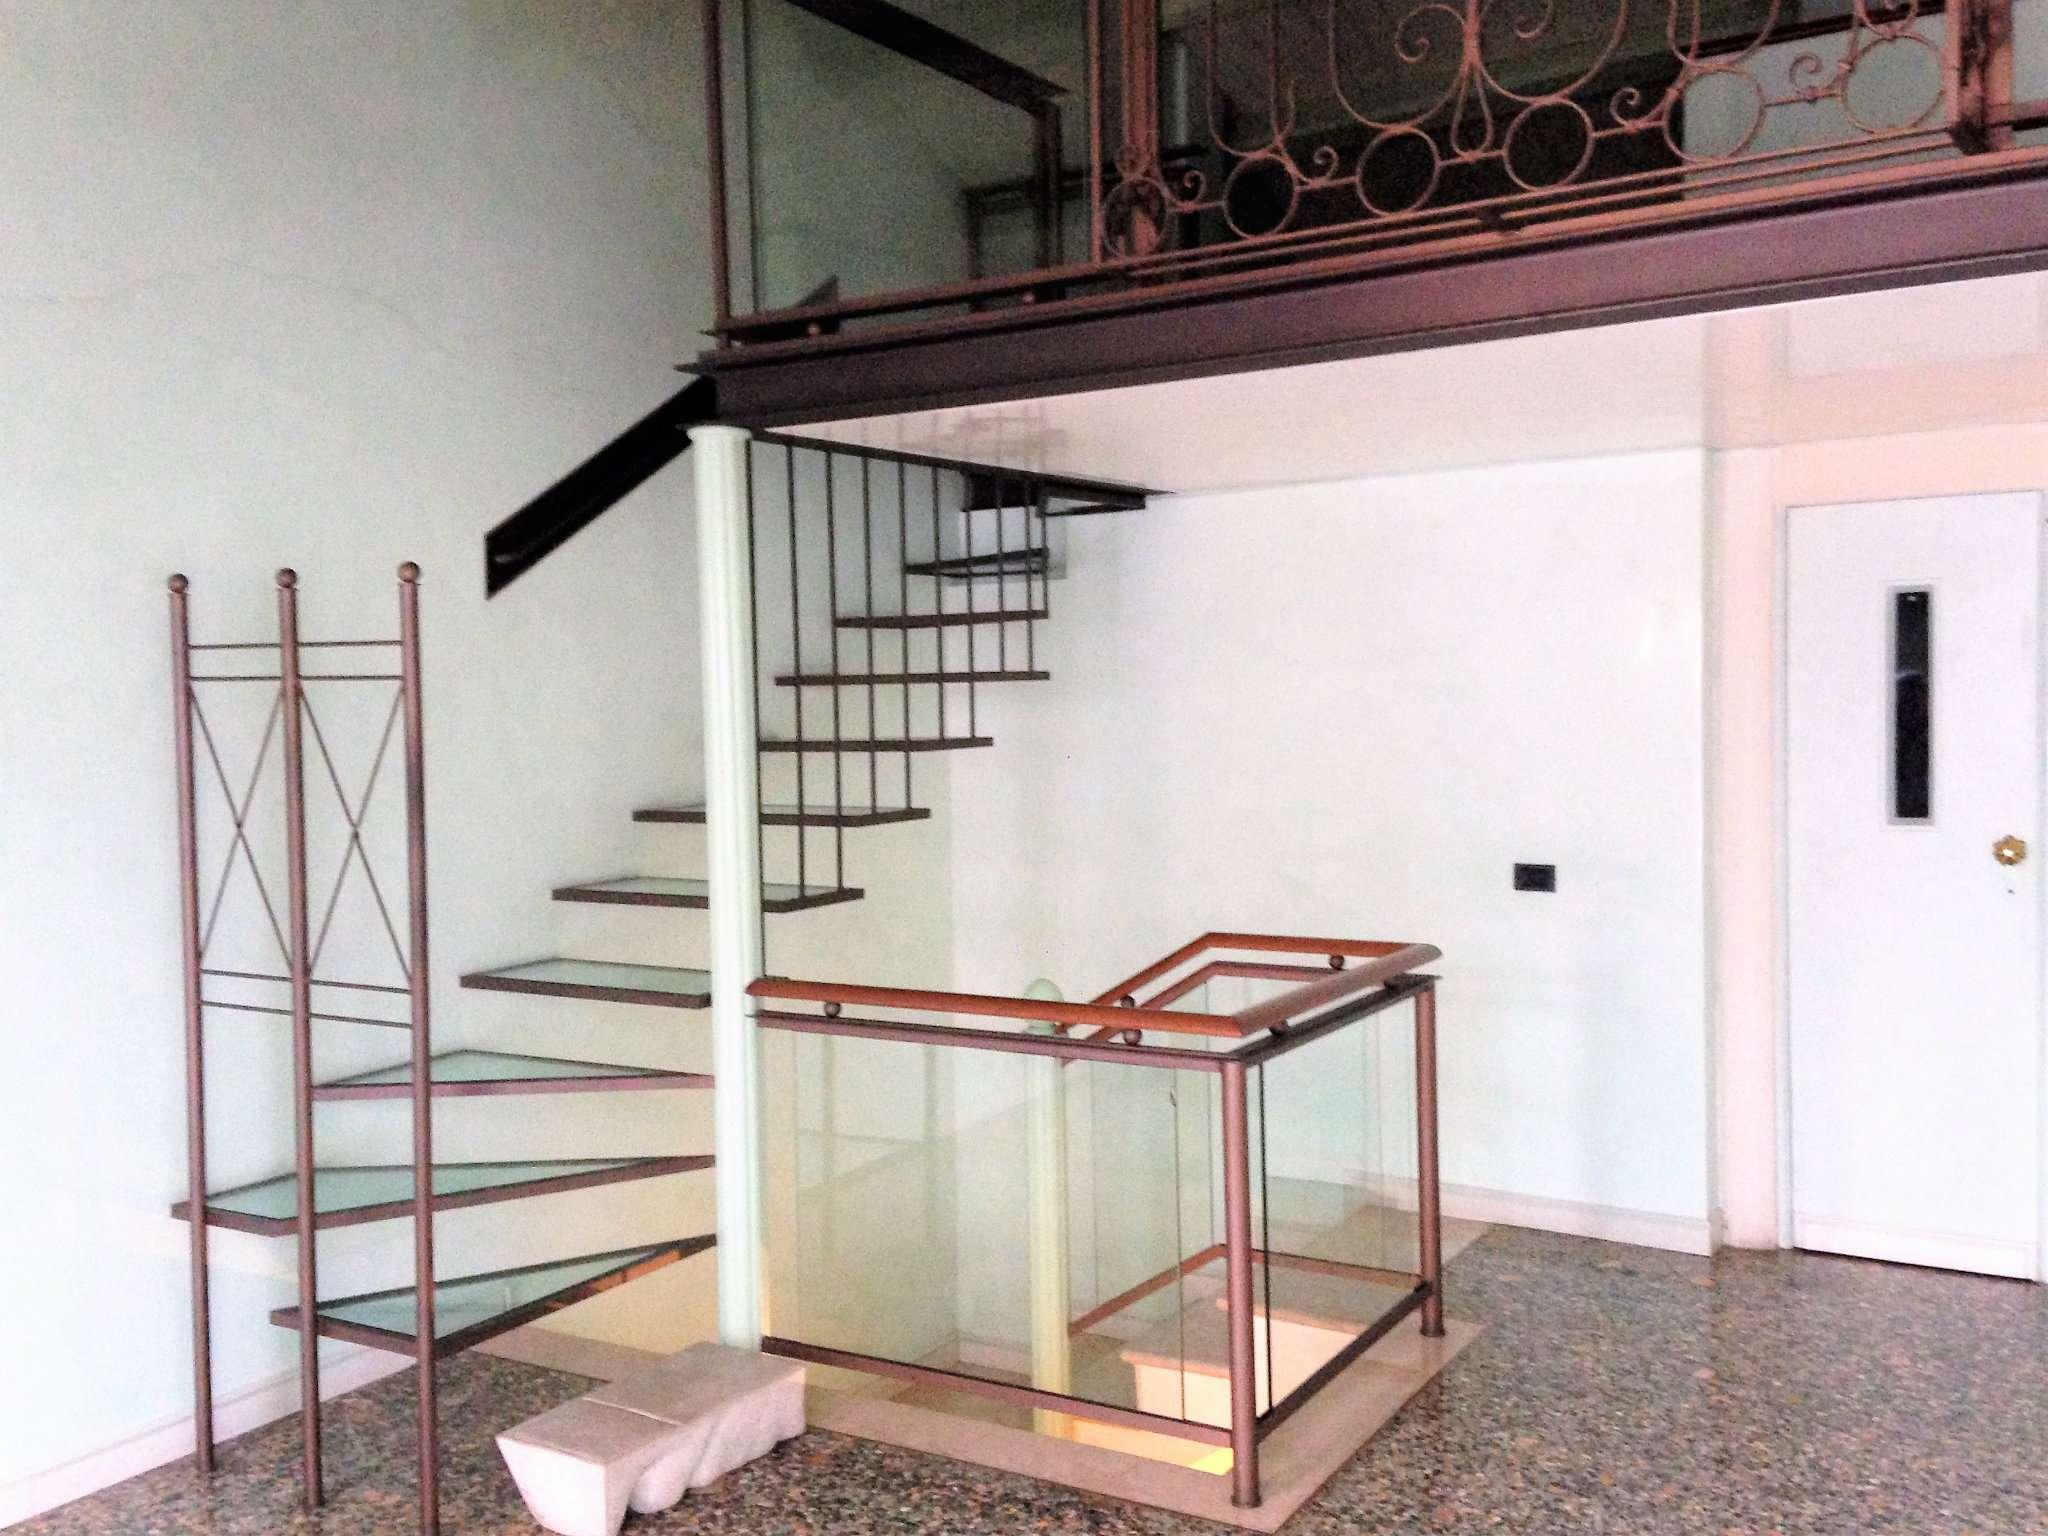 Palazzo / Stabile in vendita a Padova, 4 locali, zona Zona: 1 . Centro, prezzo € 750.000 | CambioCasa.it